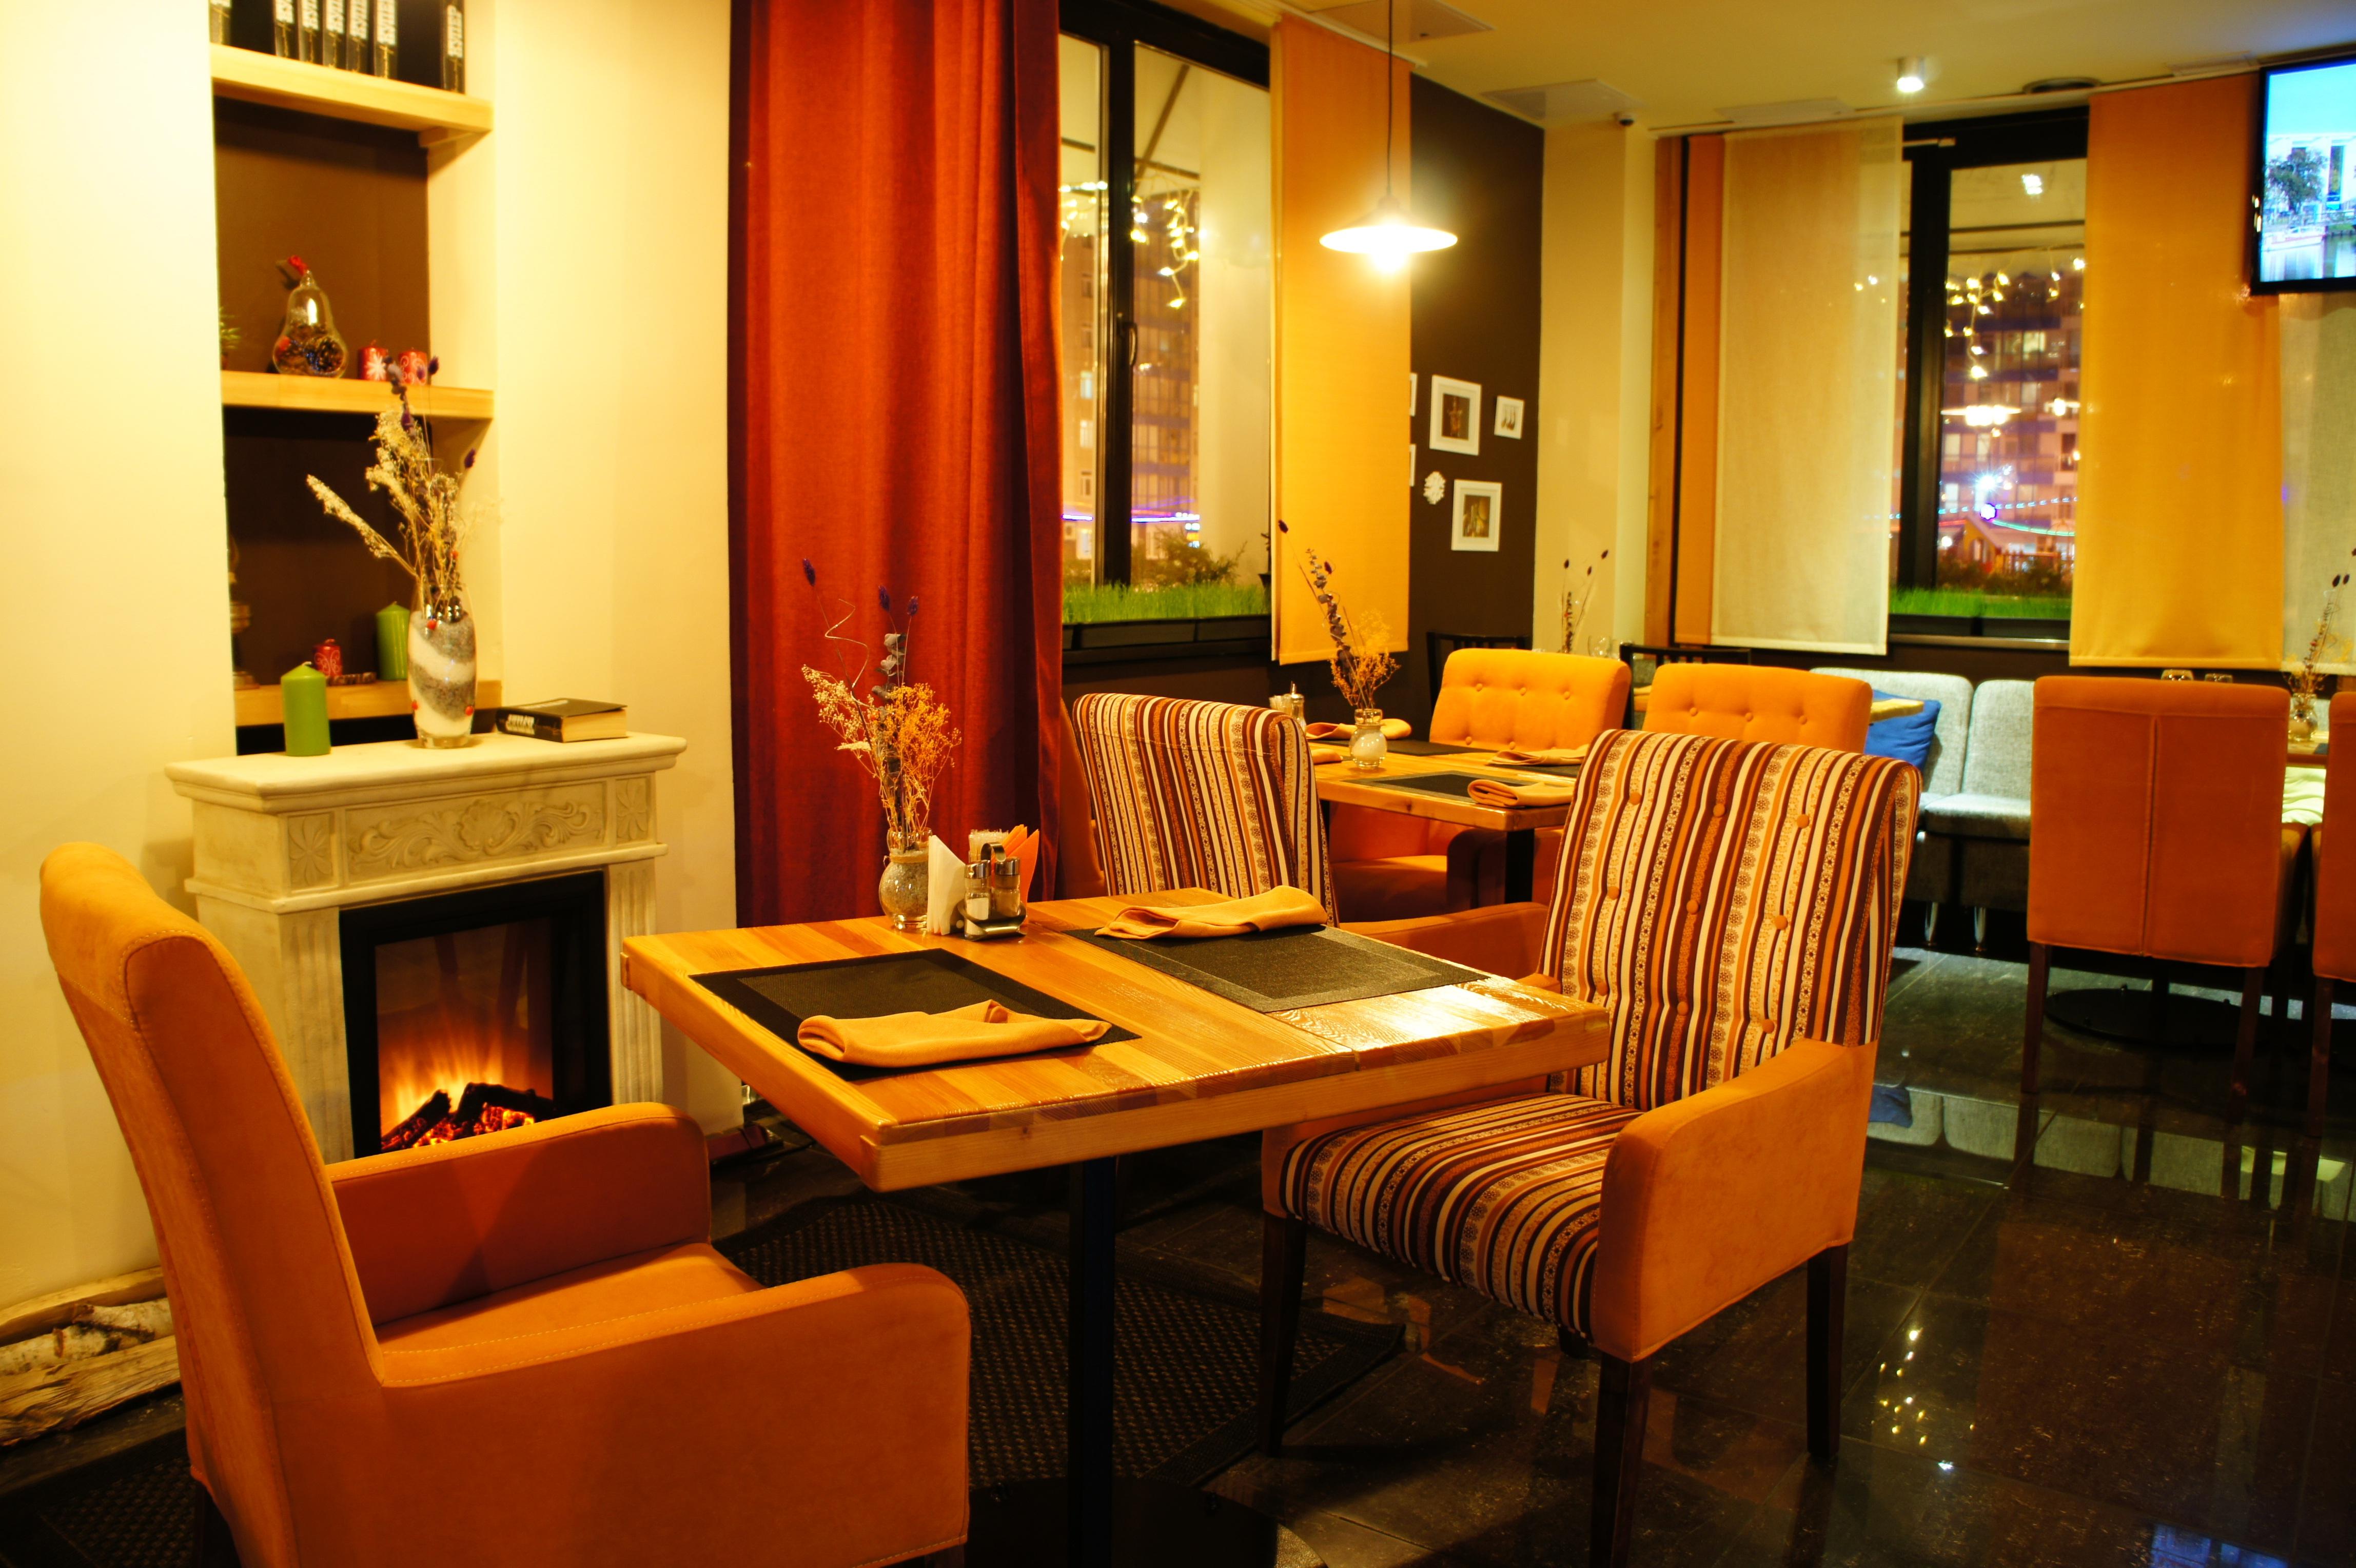 Kafe Restoran Rumah Milik Ruang Keluarga Kamar Desain Interior Resort Perkebunan Lobi Rangkaian Ruang Makan Saluran